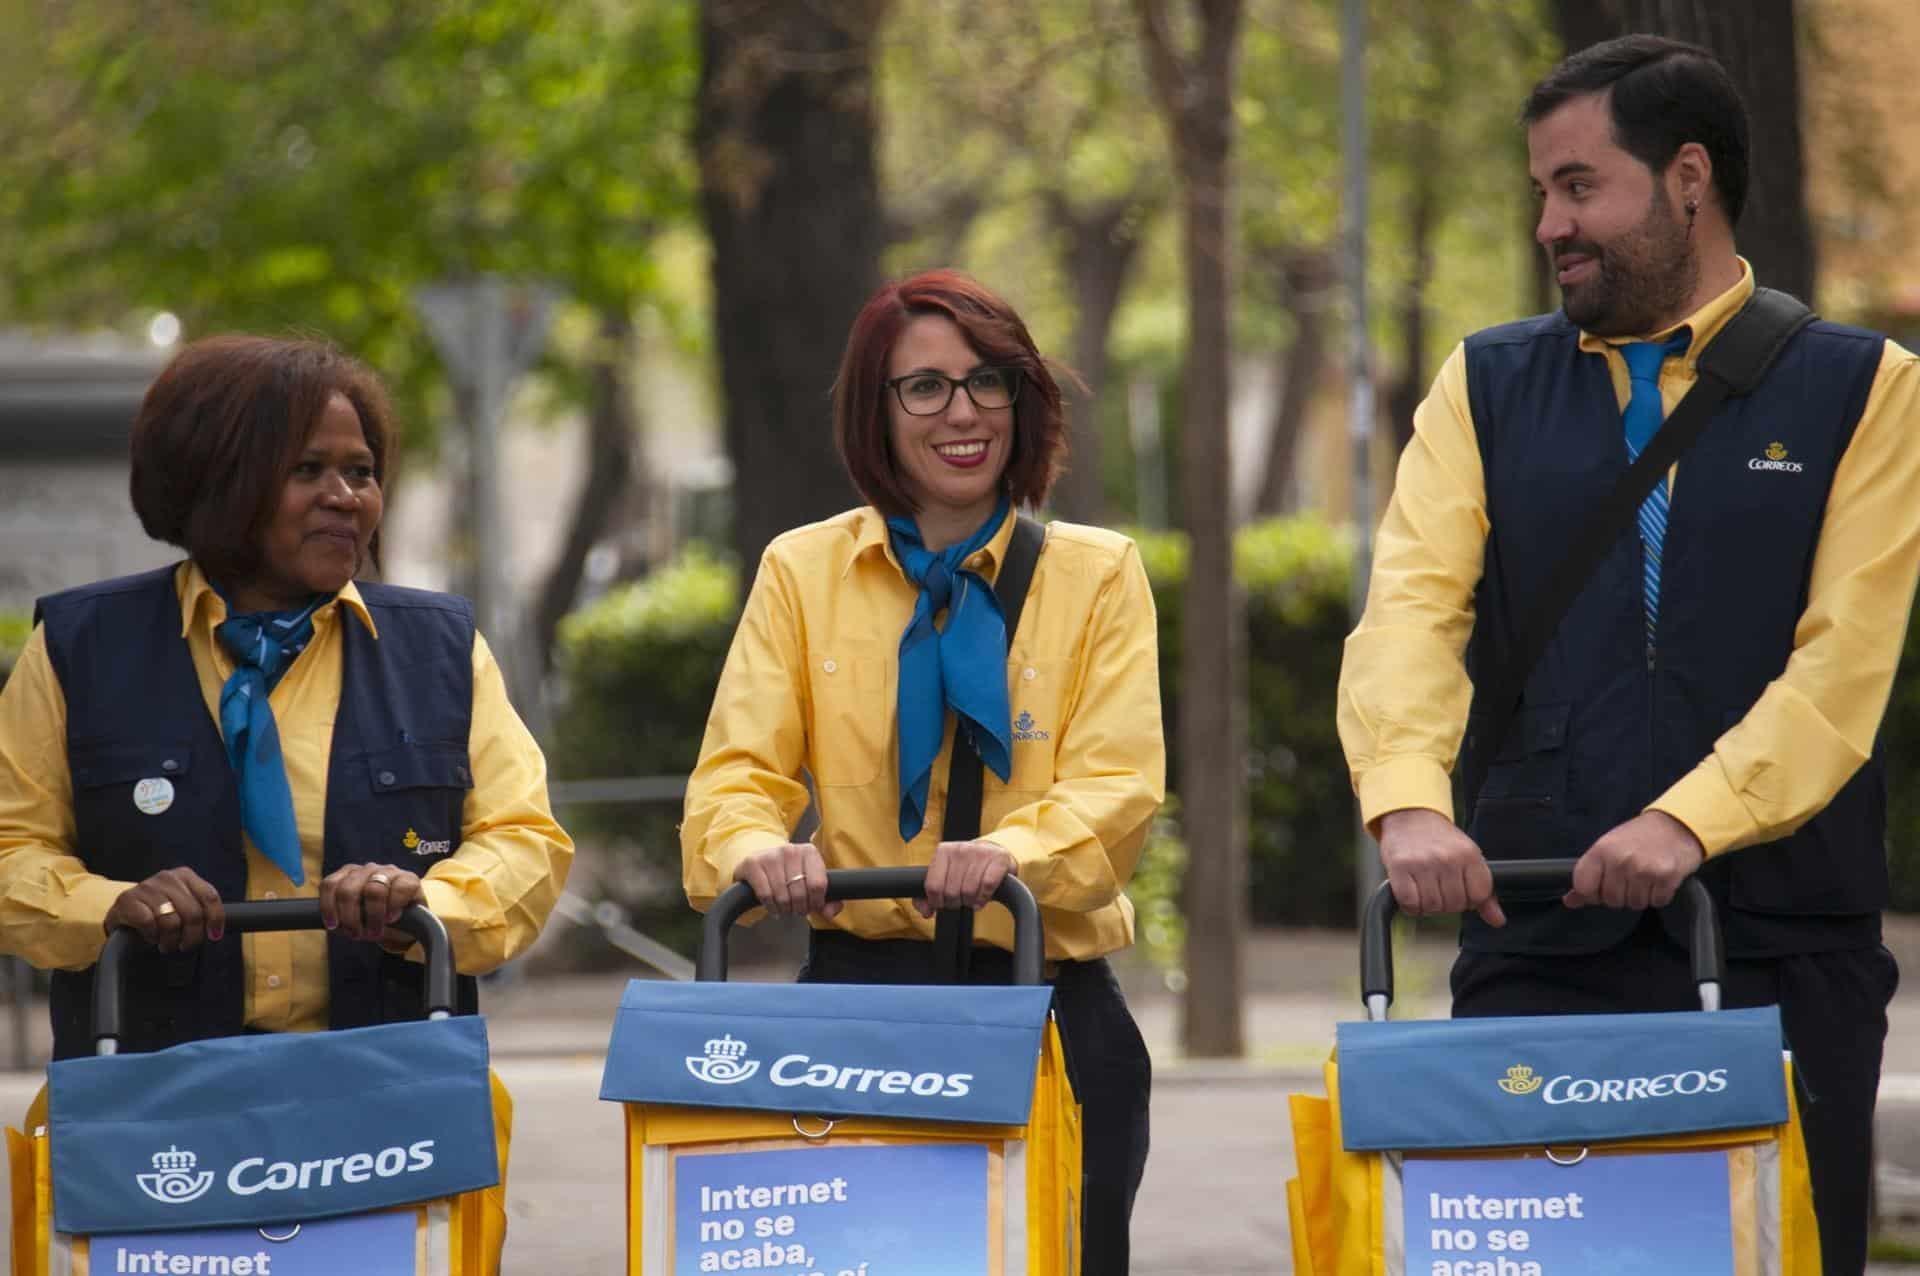 شركة البريد الإسبانية